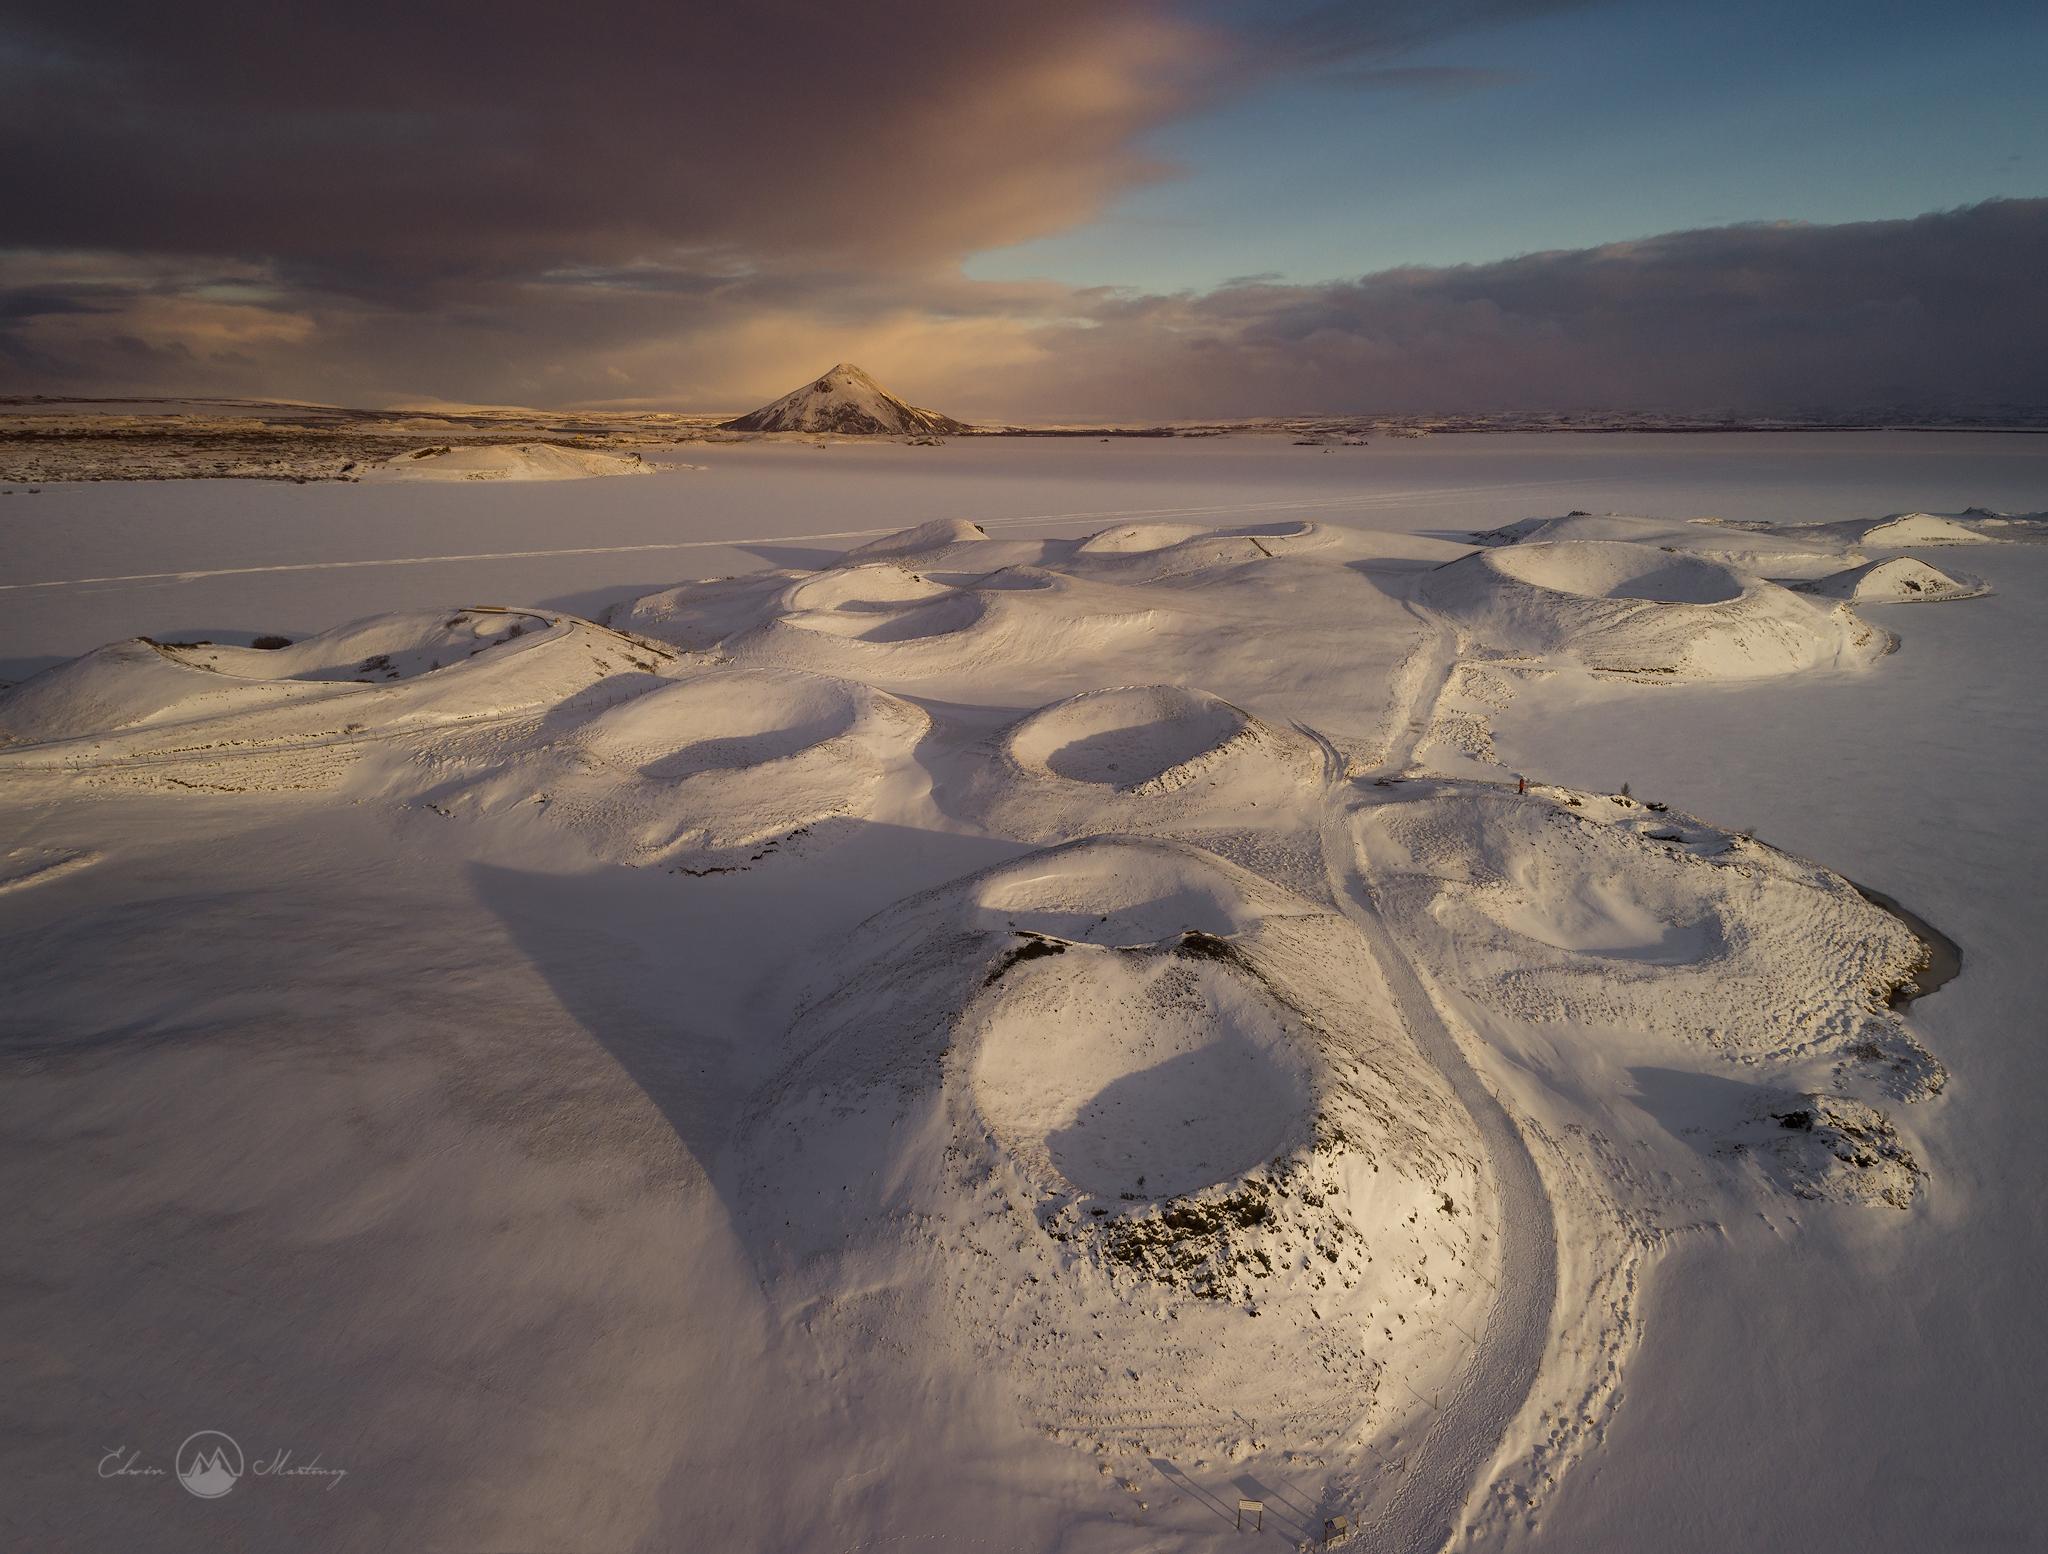 冬季,众神瀑布外观看起来像冻结的怪物。